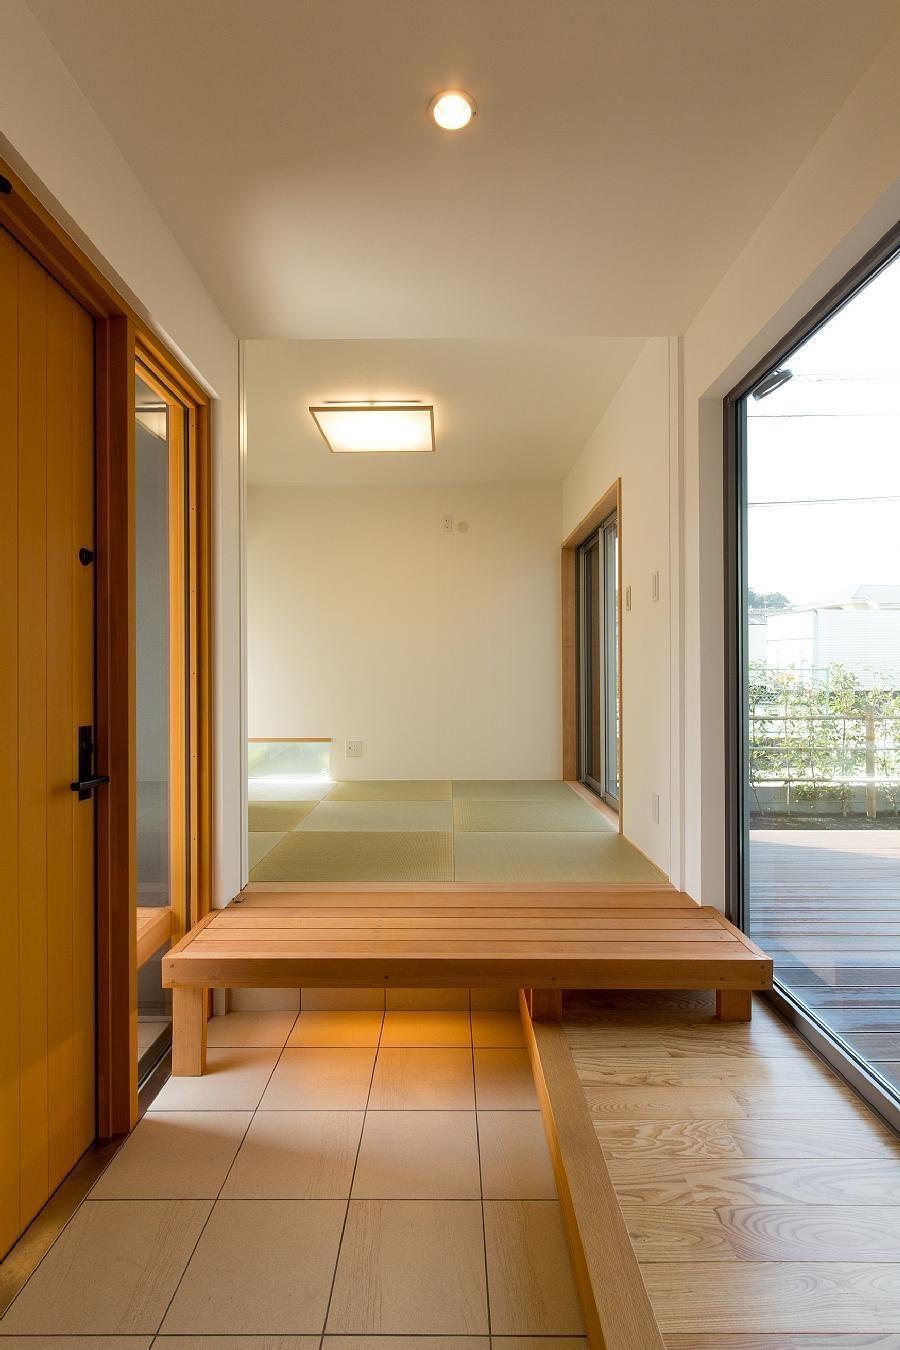 玄関は 離れ 的な和室とリビングをつなぐ渡り廊下の役割を持ってい